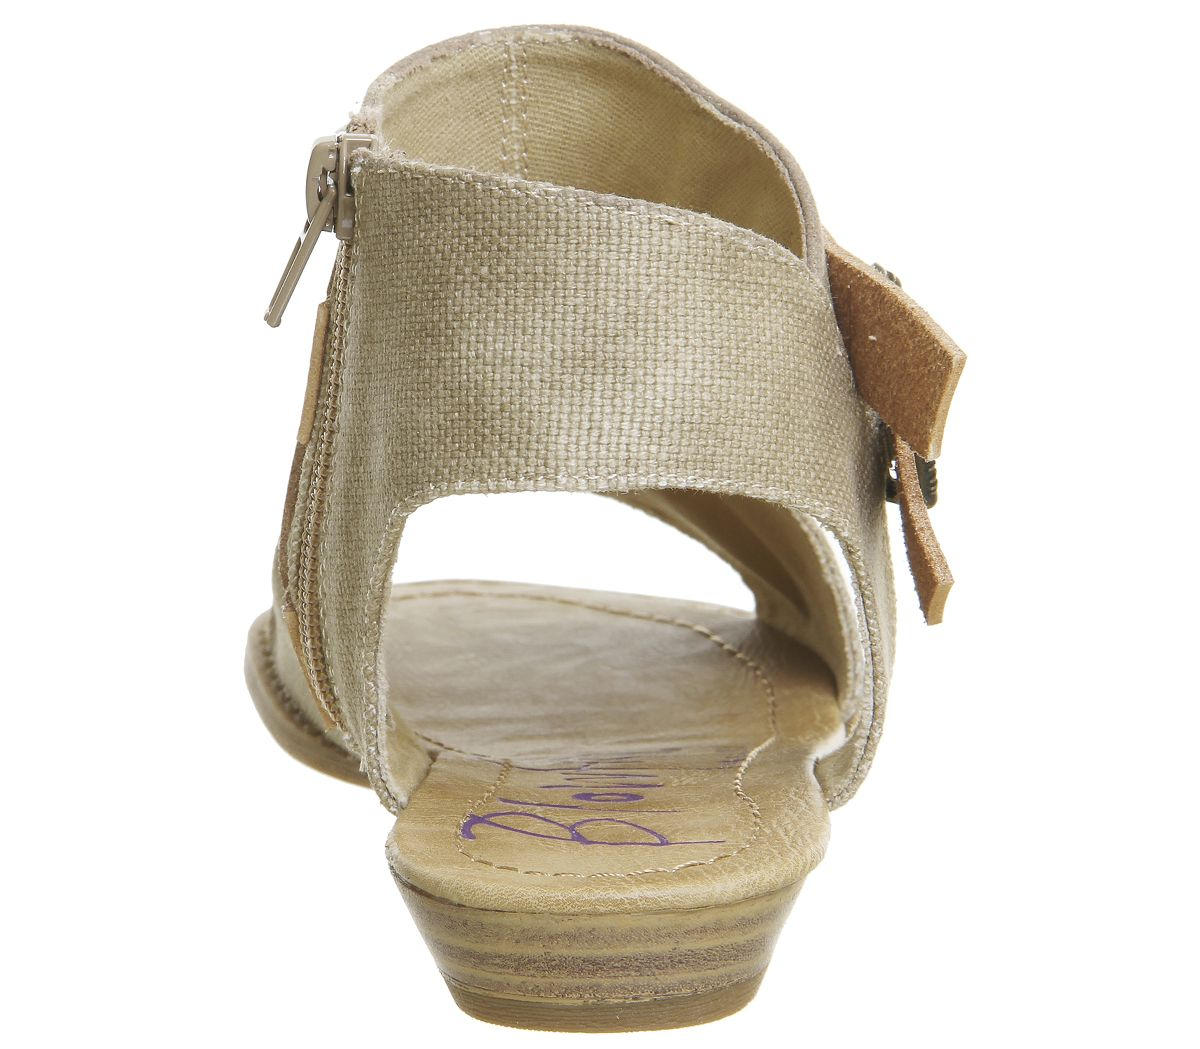 1d96da9bb2d4 Womens Blowfish Balla Sandals Desert Sand Canvas Dye Cut Sandals